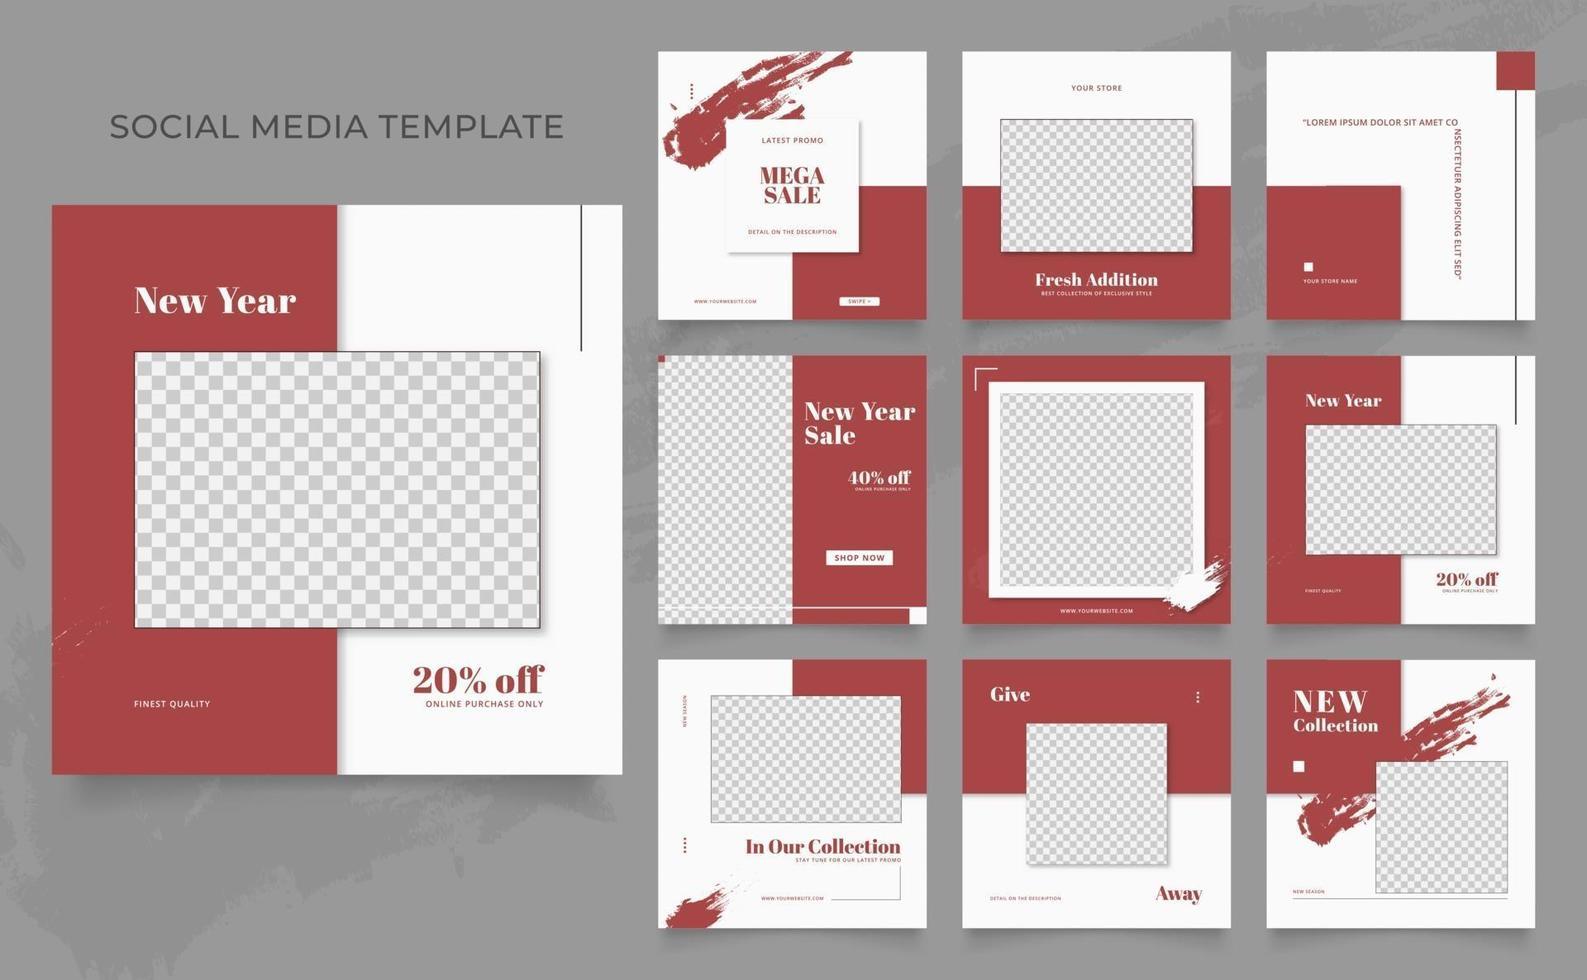 Social Media Vorlage Banner Blog Mode Verkauf Förderung. voll editierbares quadratisches Pfostenrahmen-Puzzle-Bio-Verkaufsplakat. roter weißer Vektorhintergrund vektor